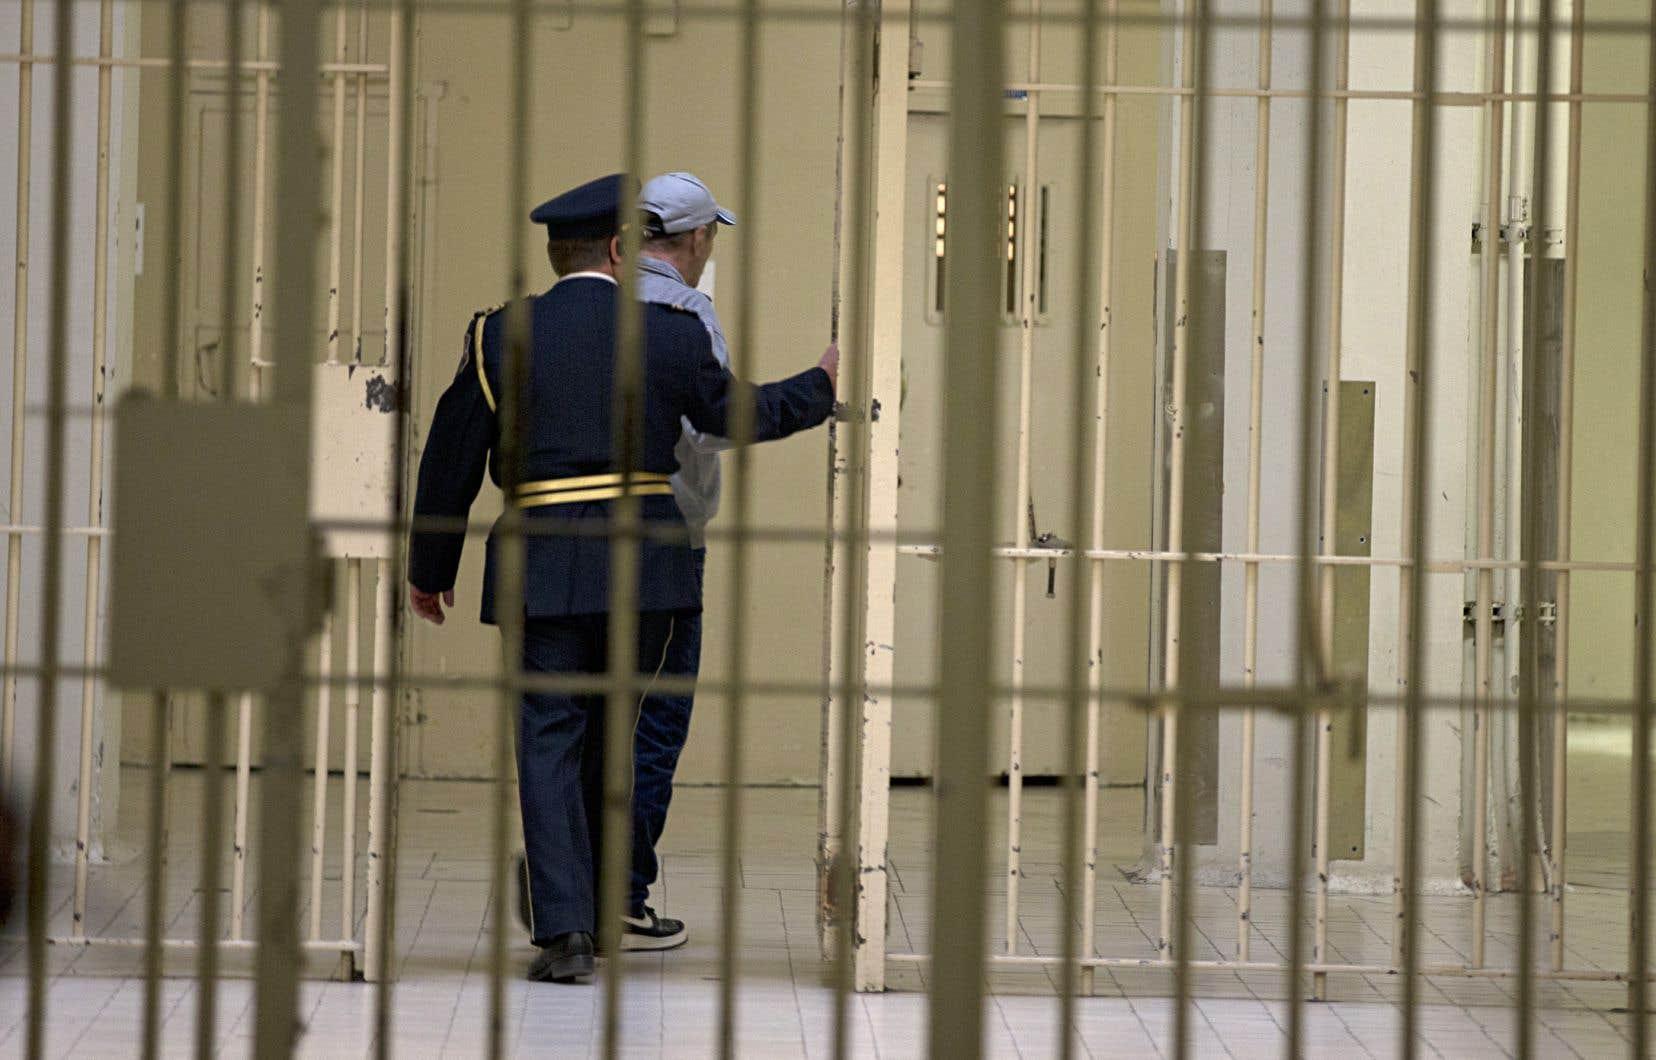 La situation ne s'améliore pas dans les prisons, indique Marie Rinfret, la protectrice du citoyen.